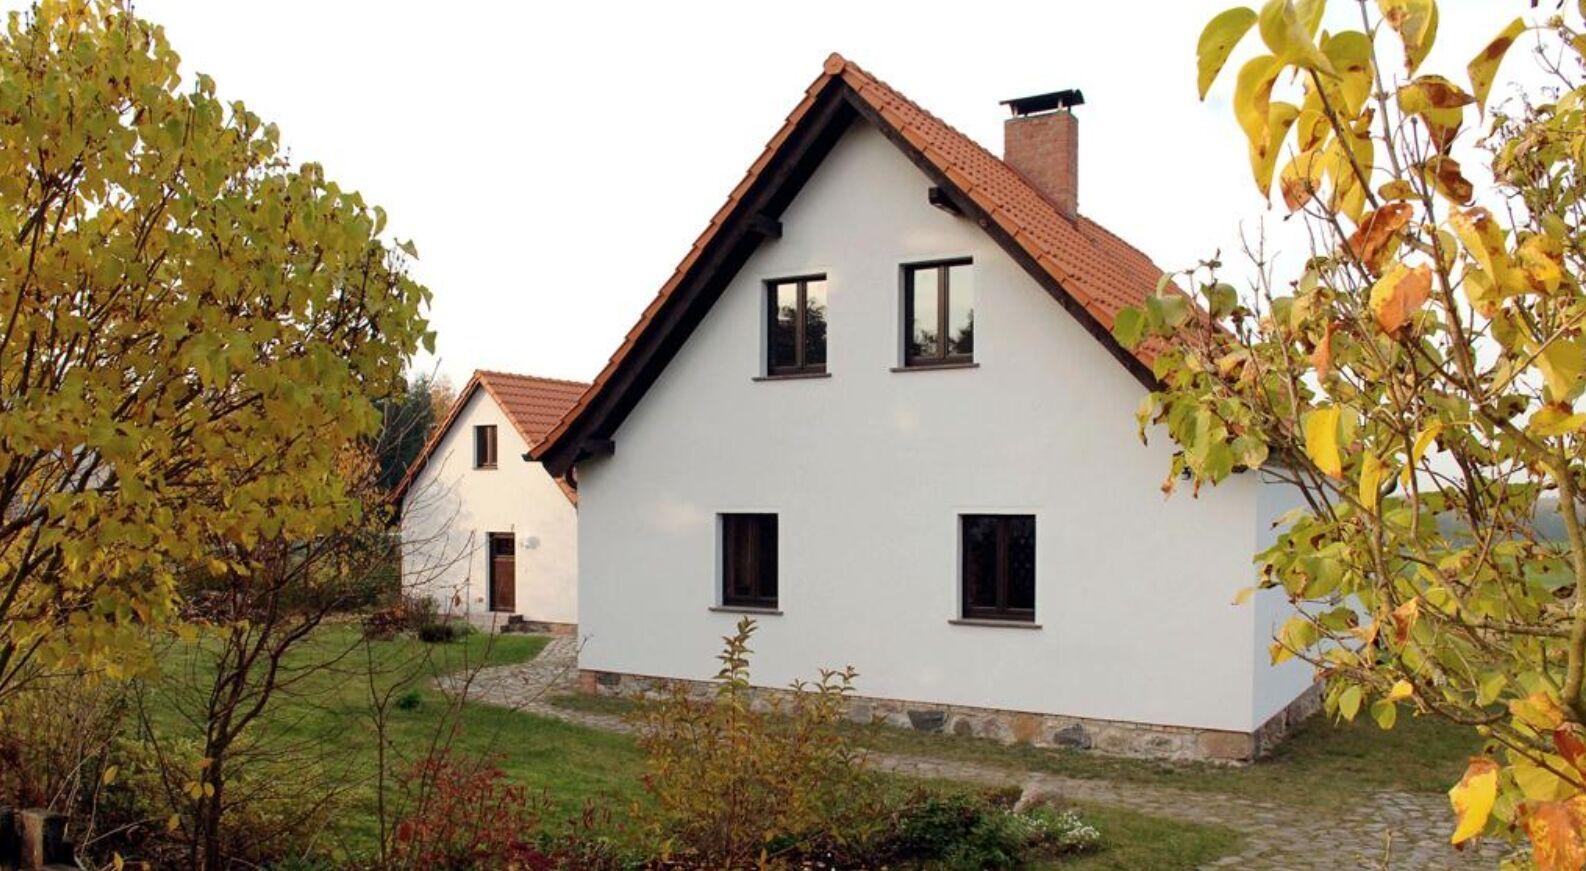 Заміський будинок Ангели Меркель у бранденбурзькому районі Уккермарк